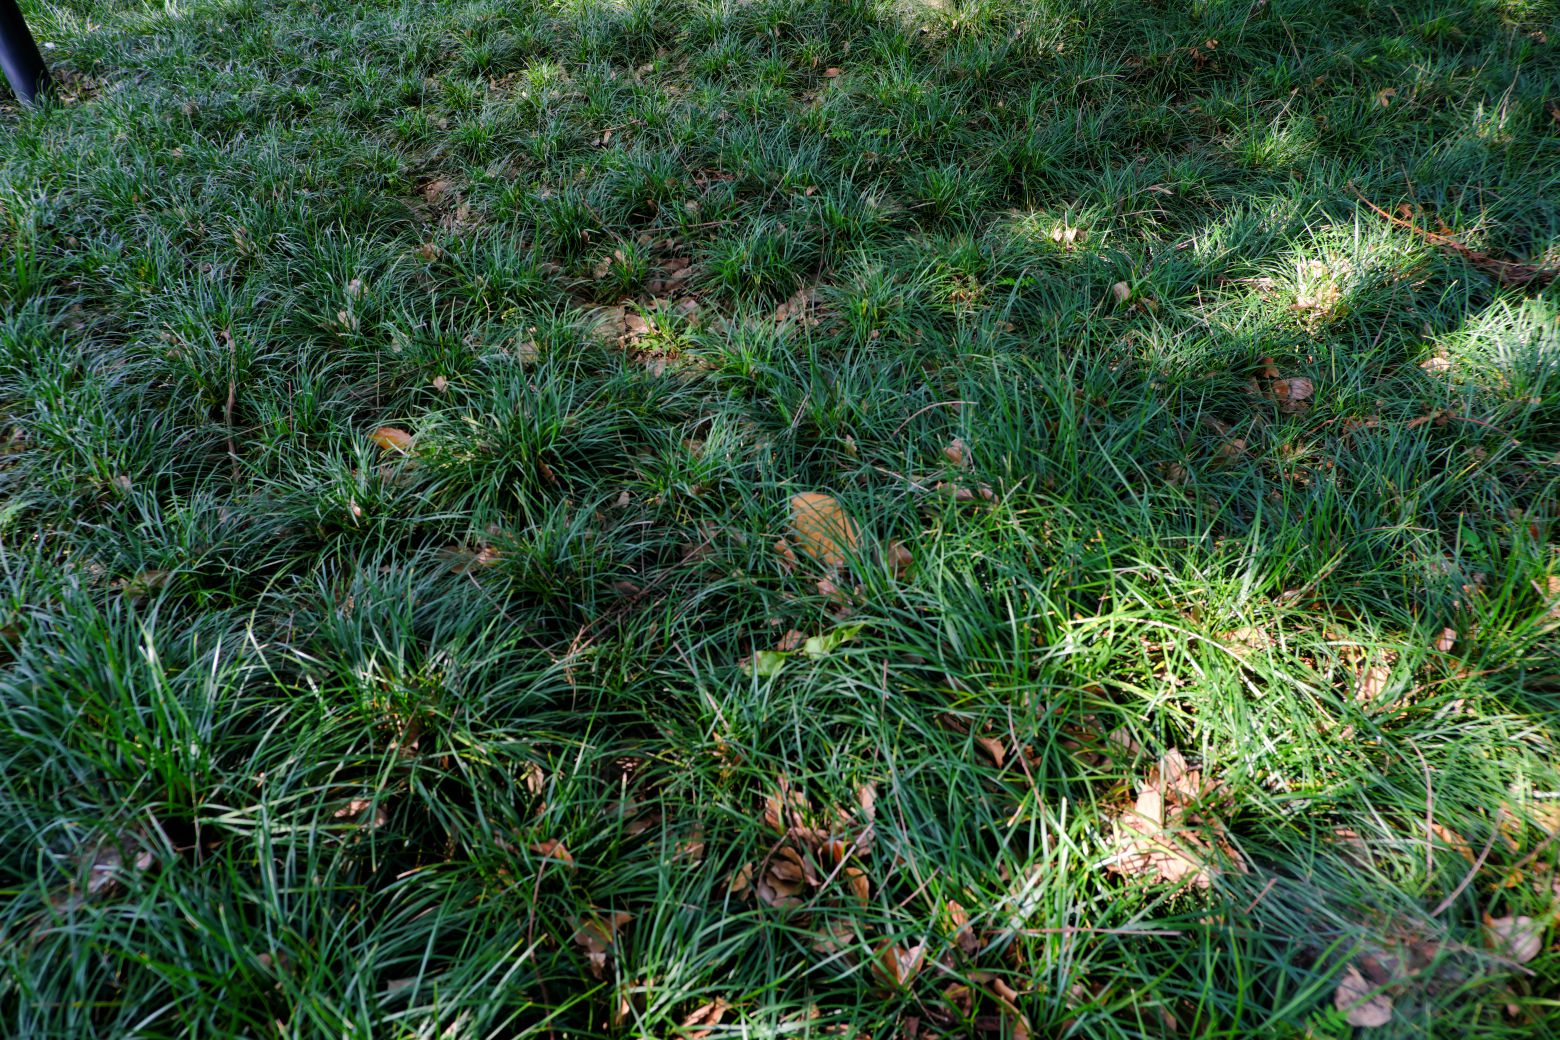 沿阶草、草坪背景图片 -  免费商用照片下载